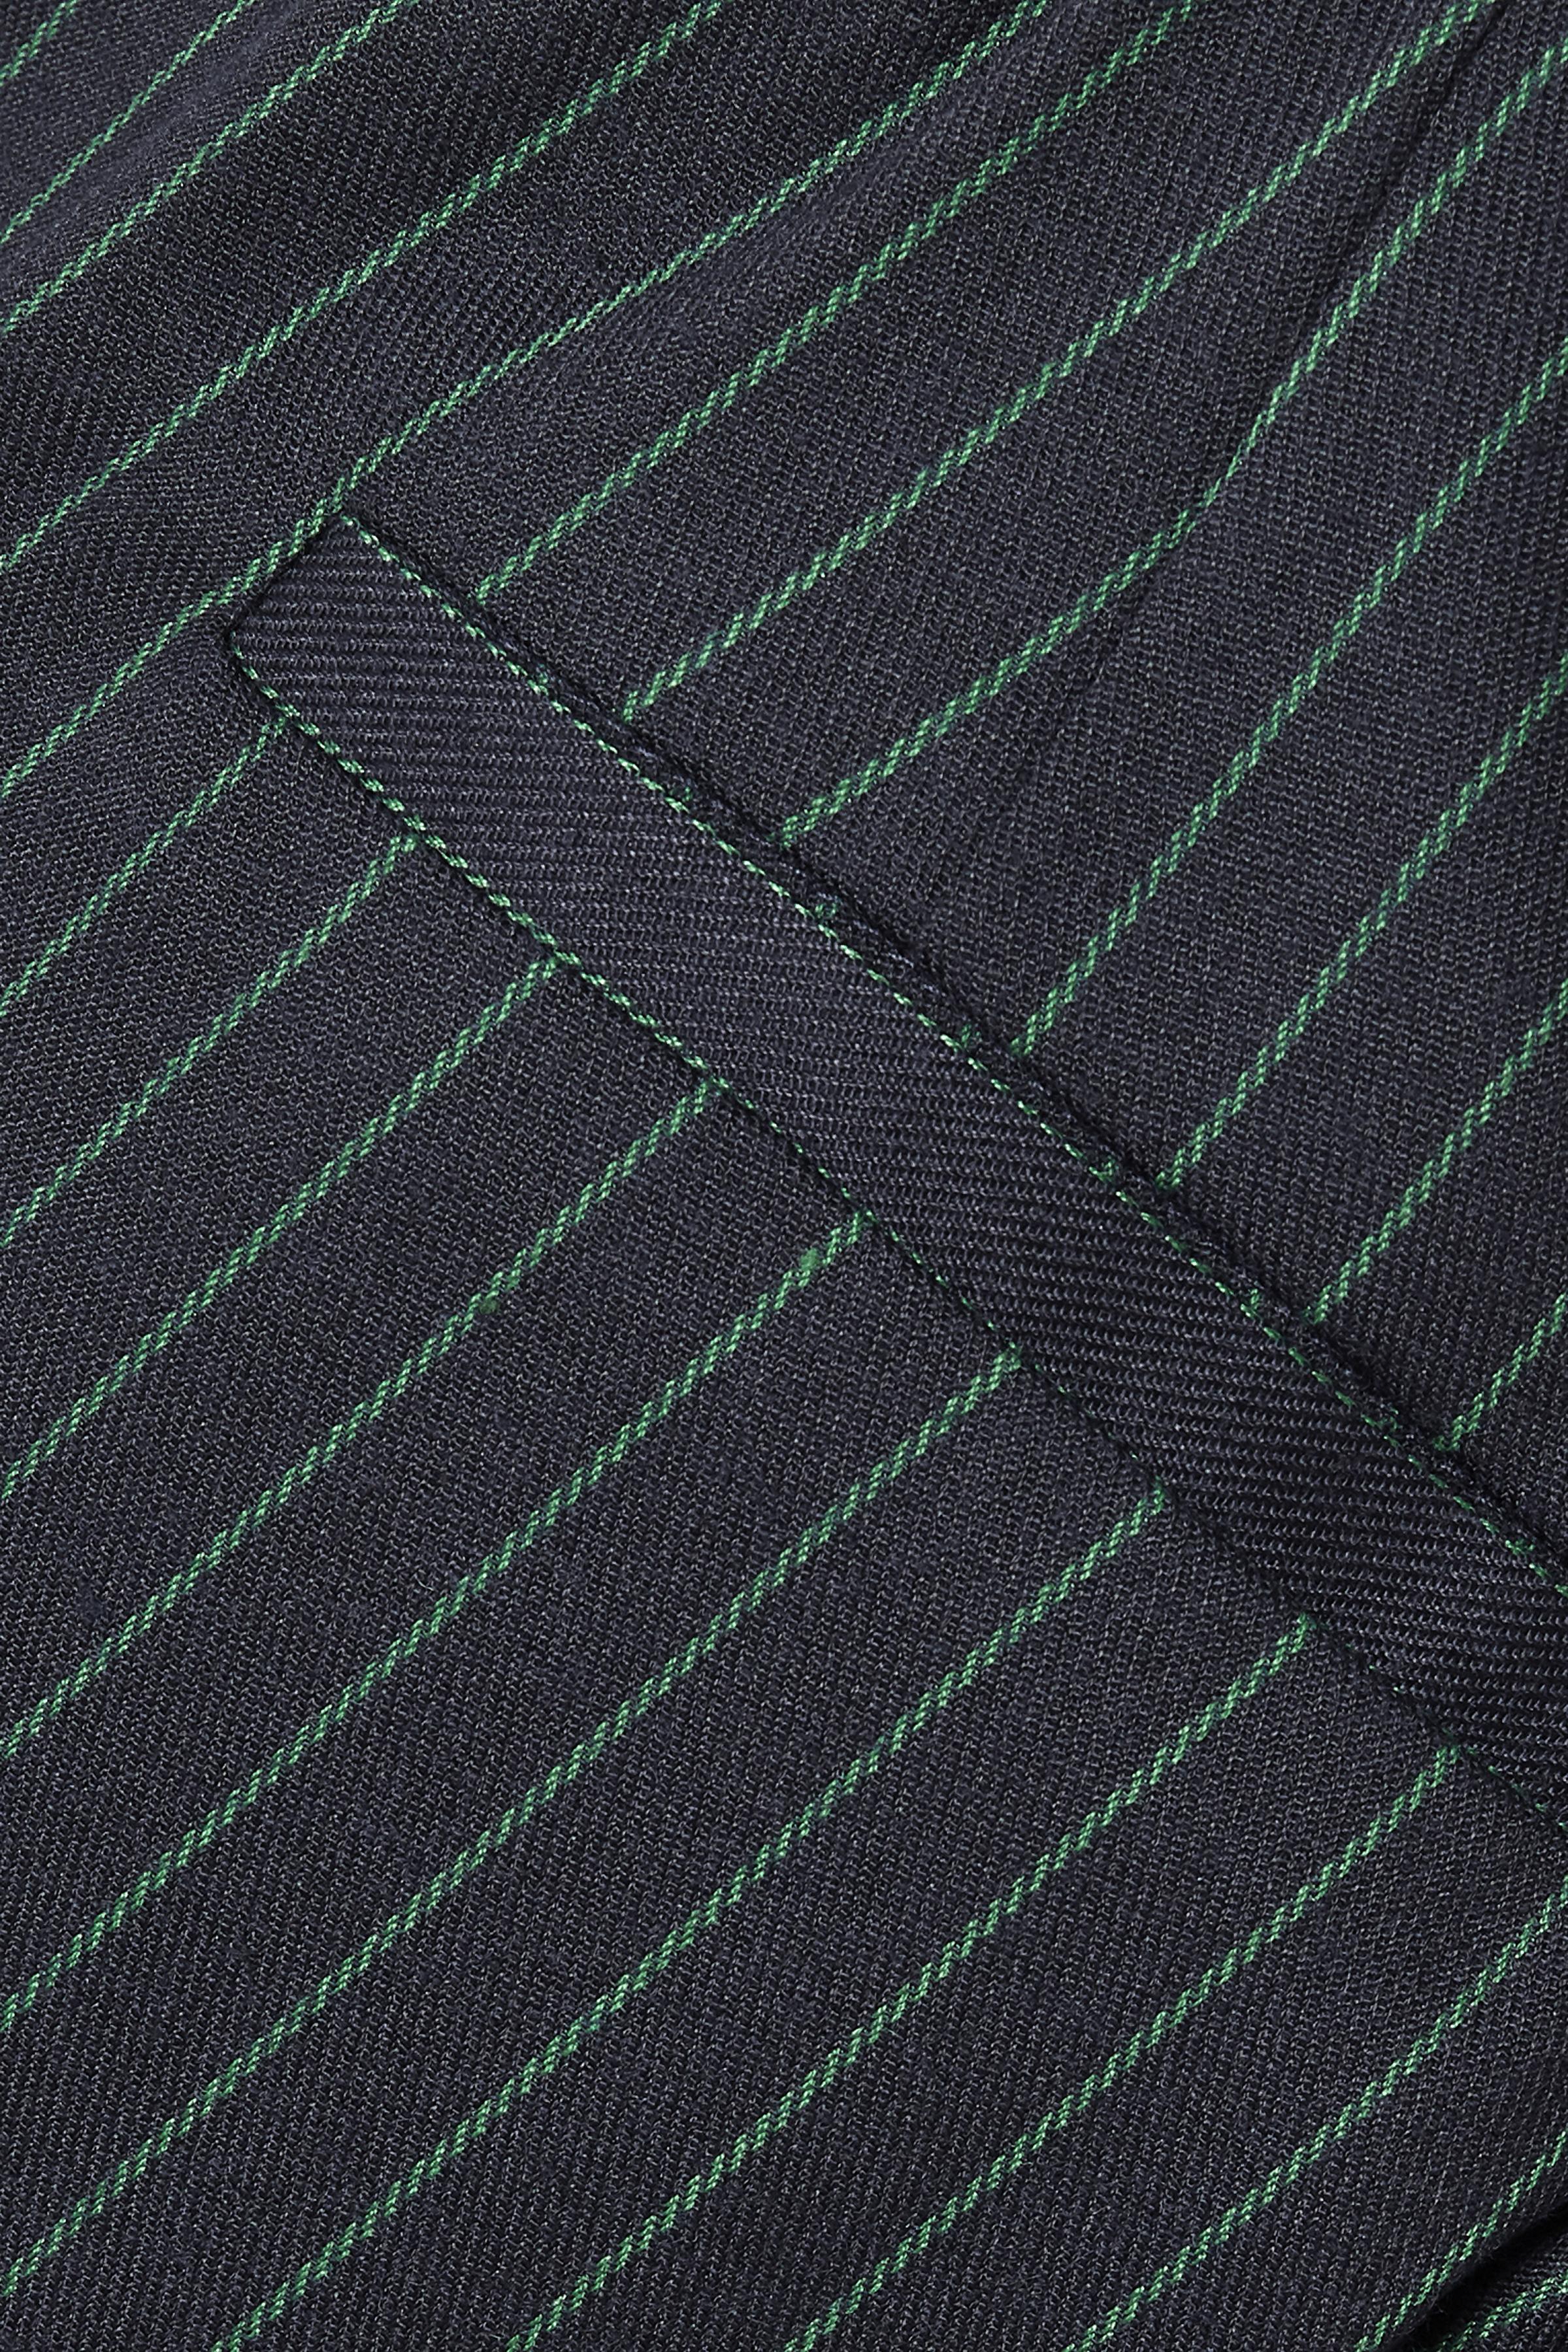 Marineblauw/misty groen Broek van Kaffe – Door Marineblauw/misty groen Broek van maat. 34-46 hier